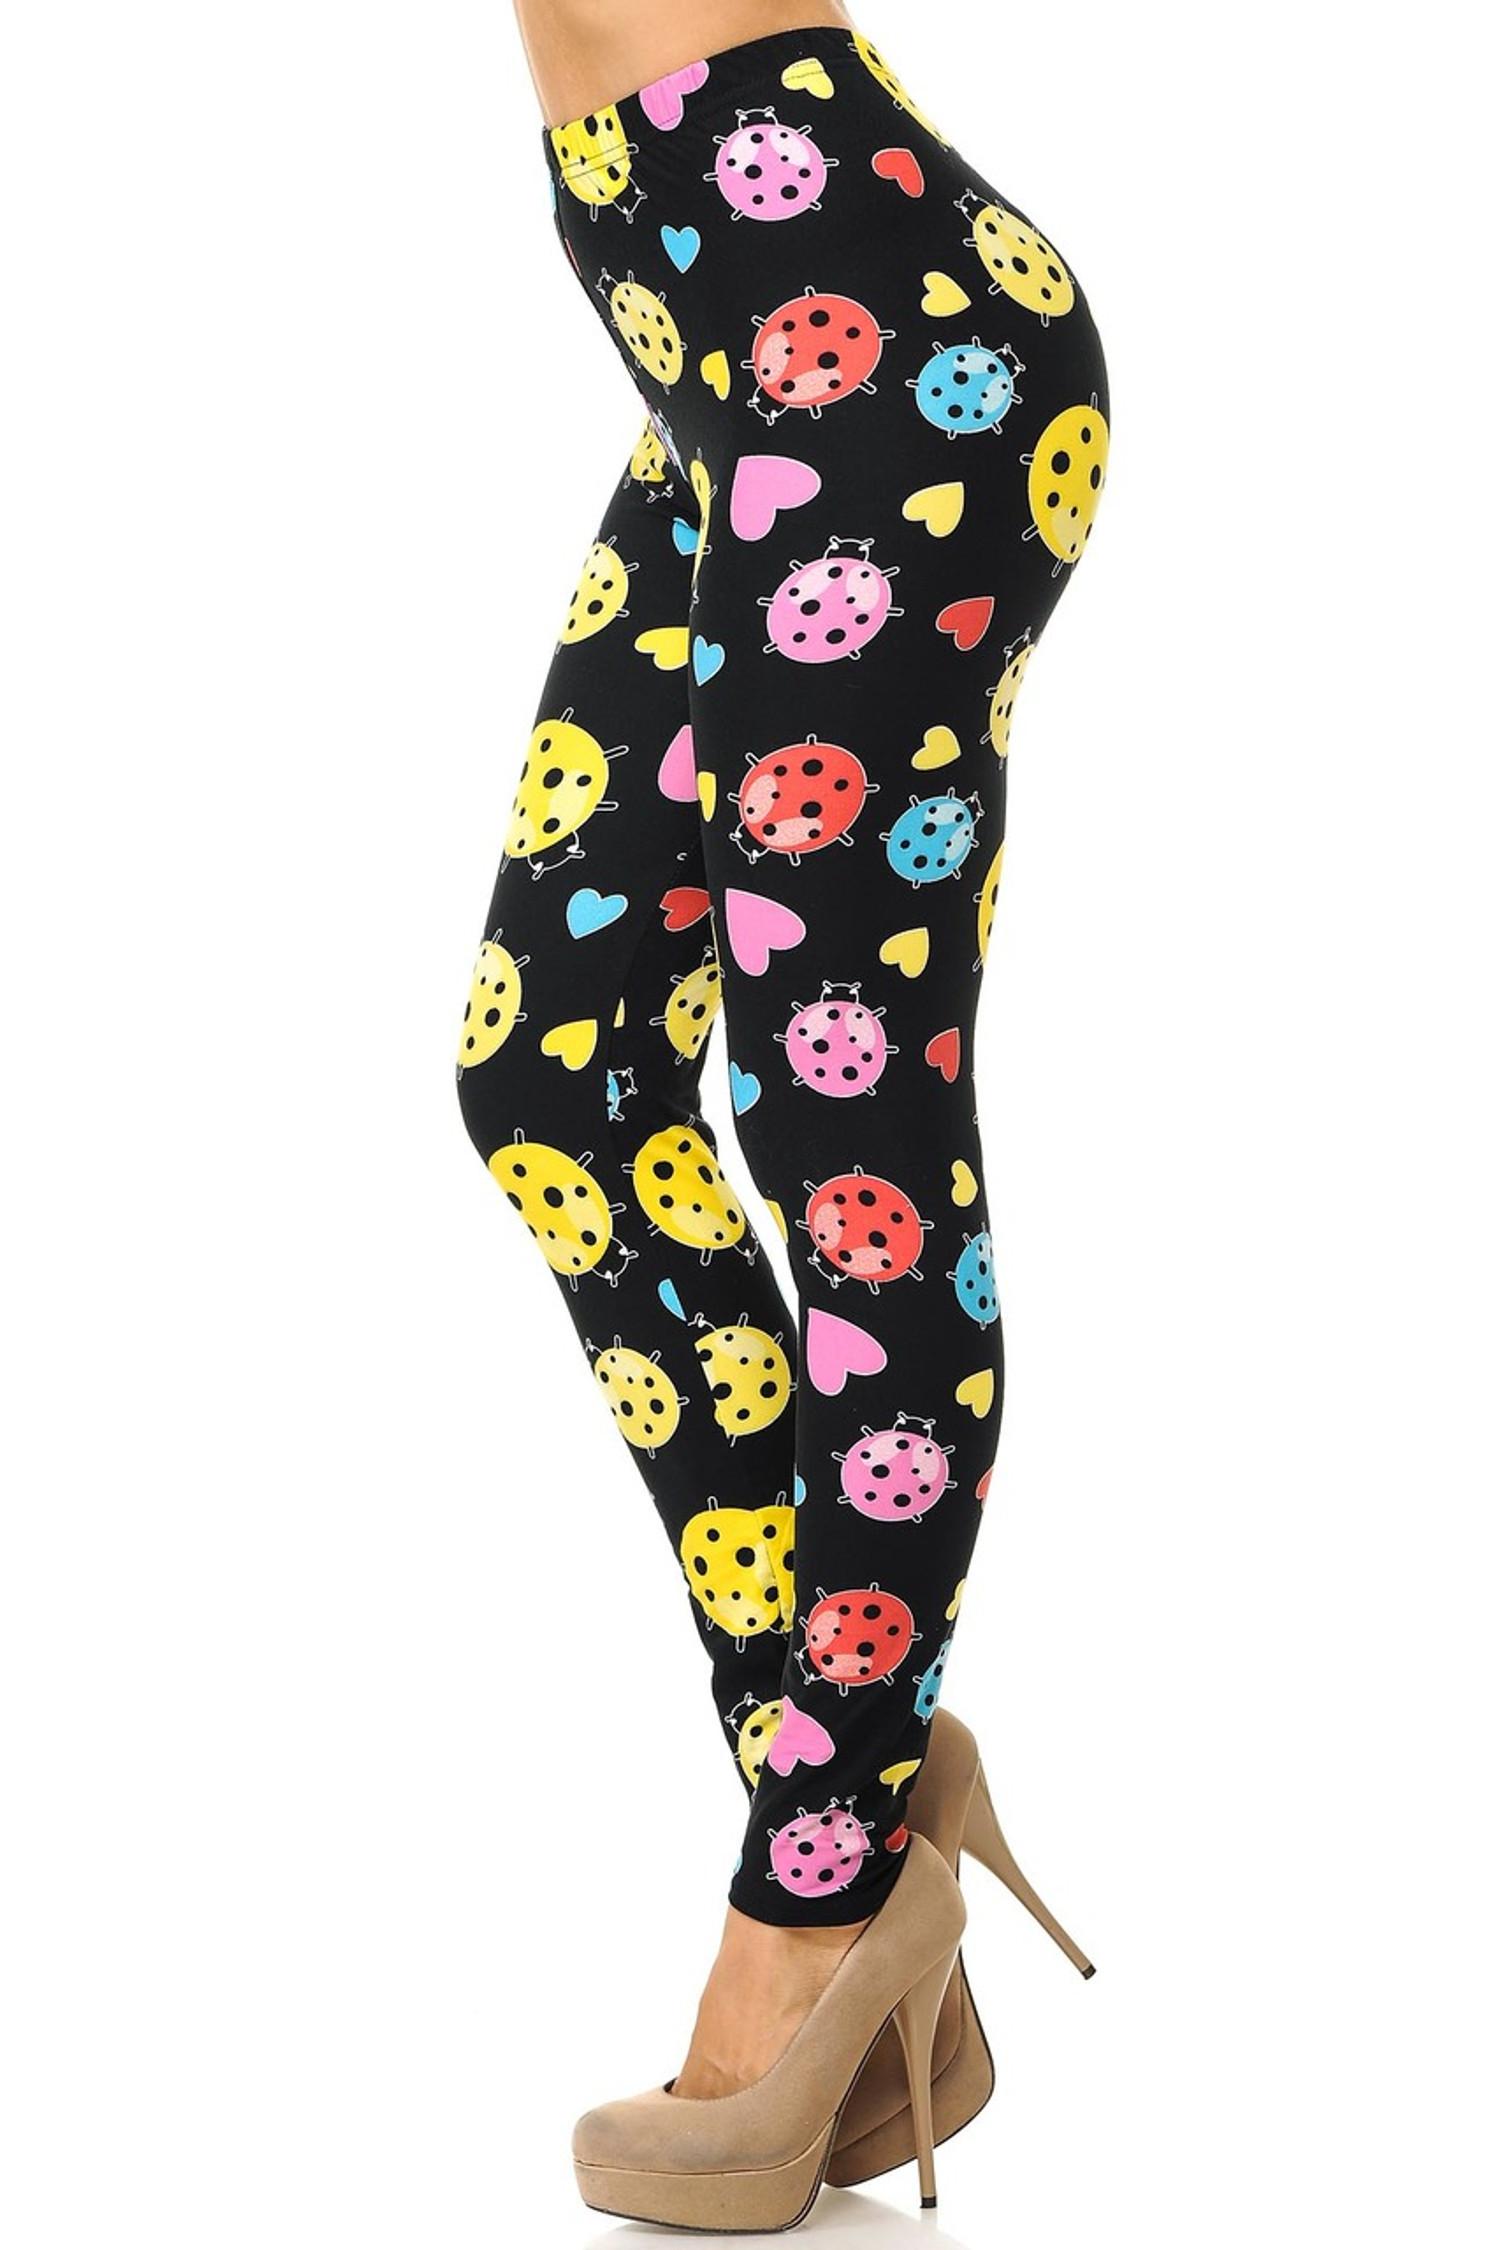 Brushed Ladybugs and Hearts Plus Size Leggings